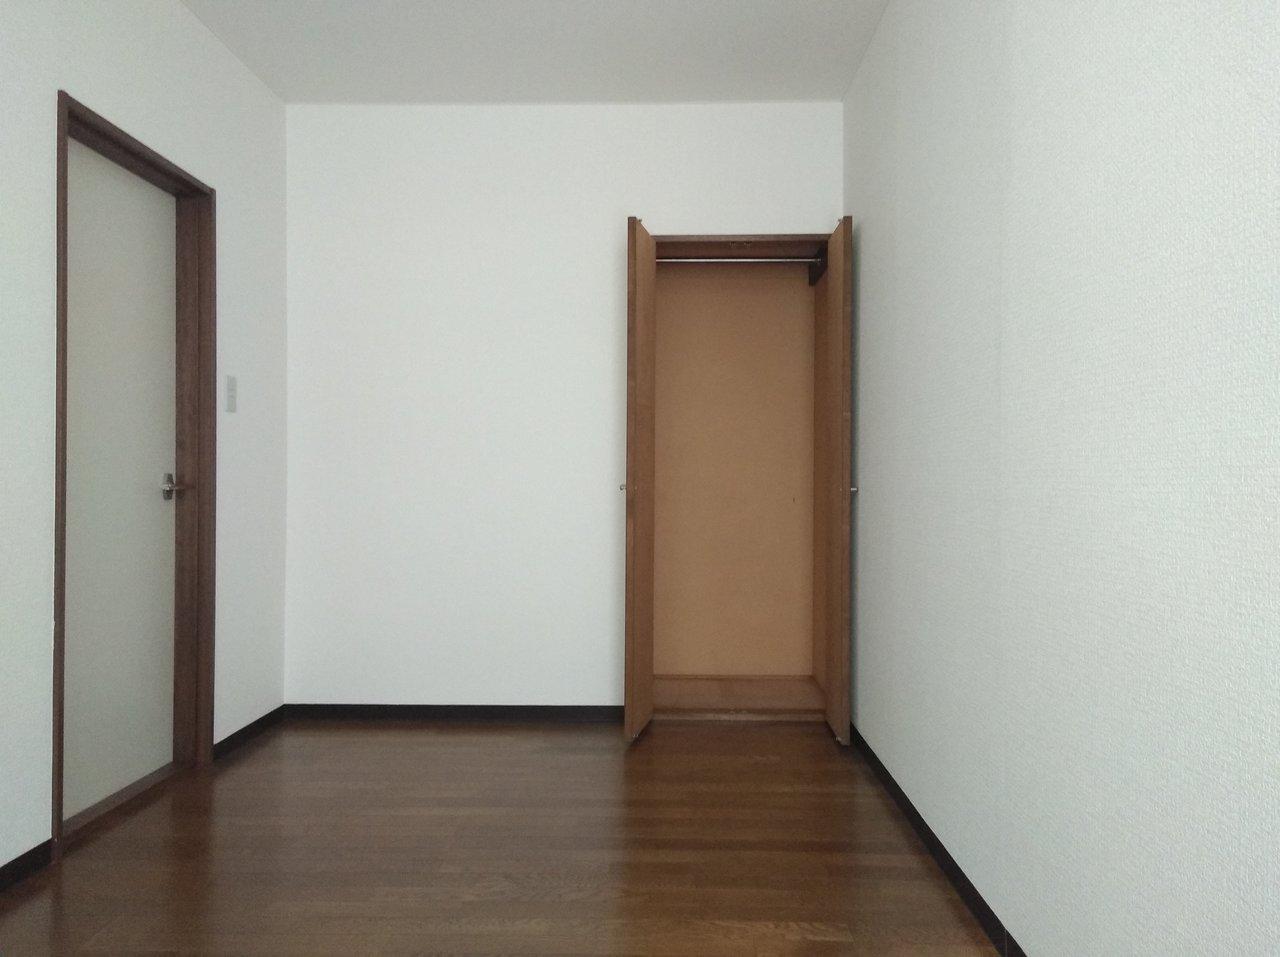 さらに5.2畳の洋室は、寝室にしましょうか。ベランダもあるので、お布団を干したりするのも楽ですよ。